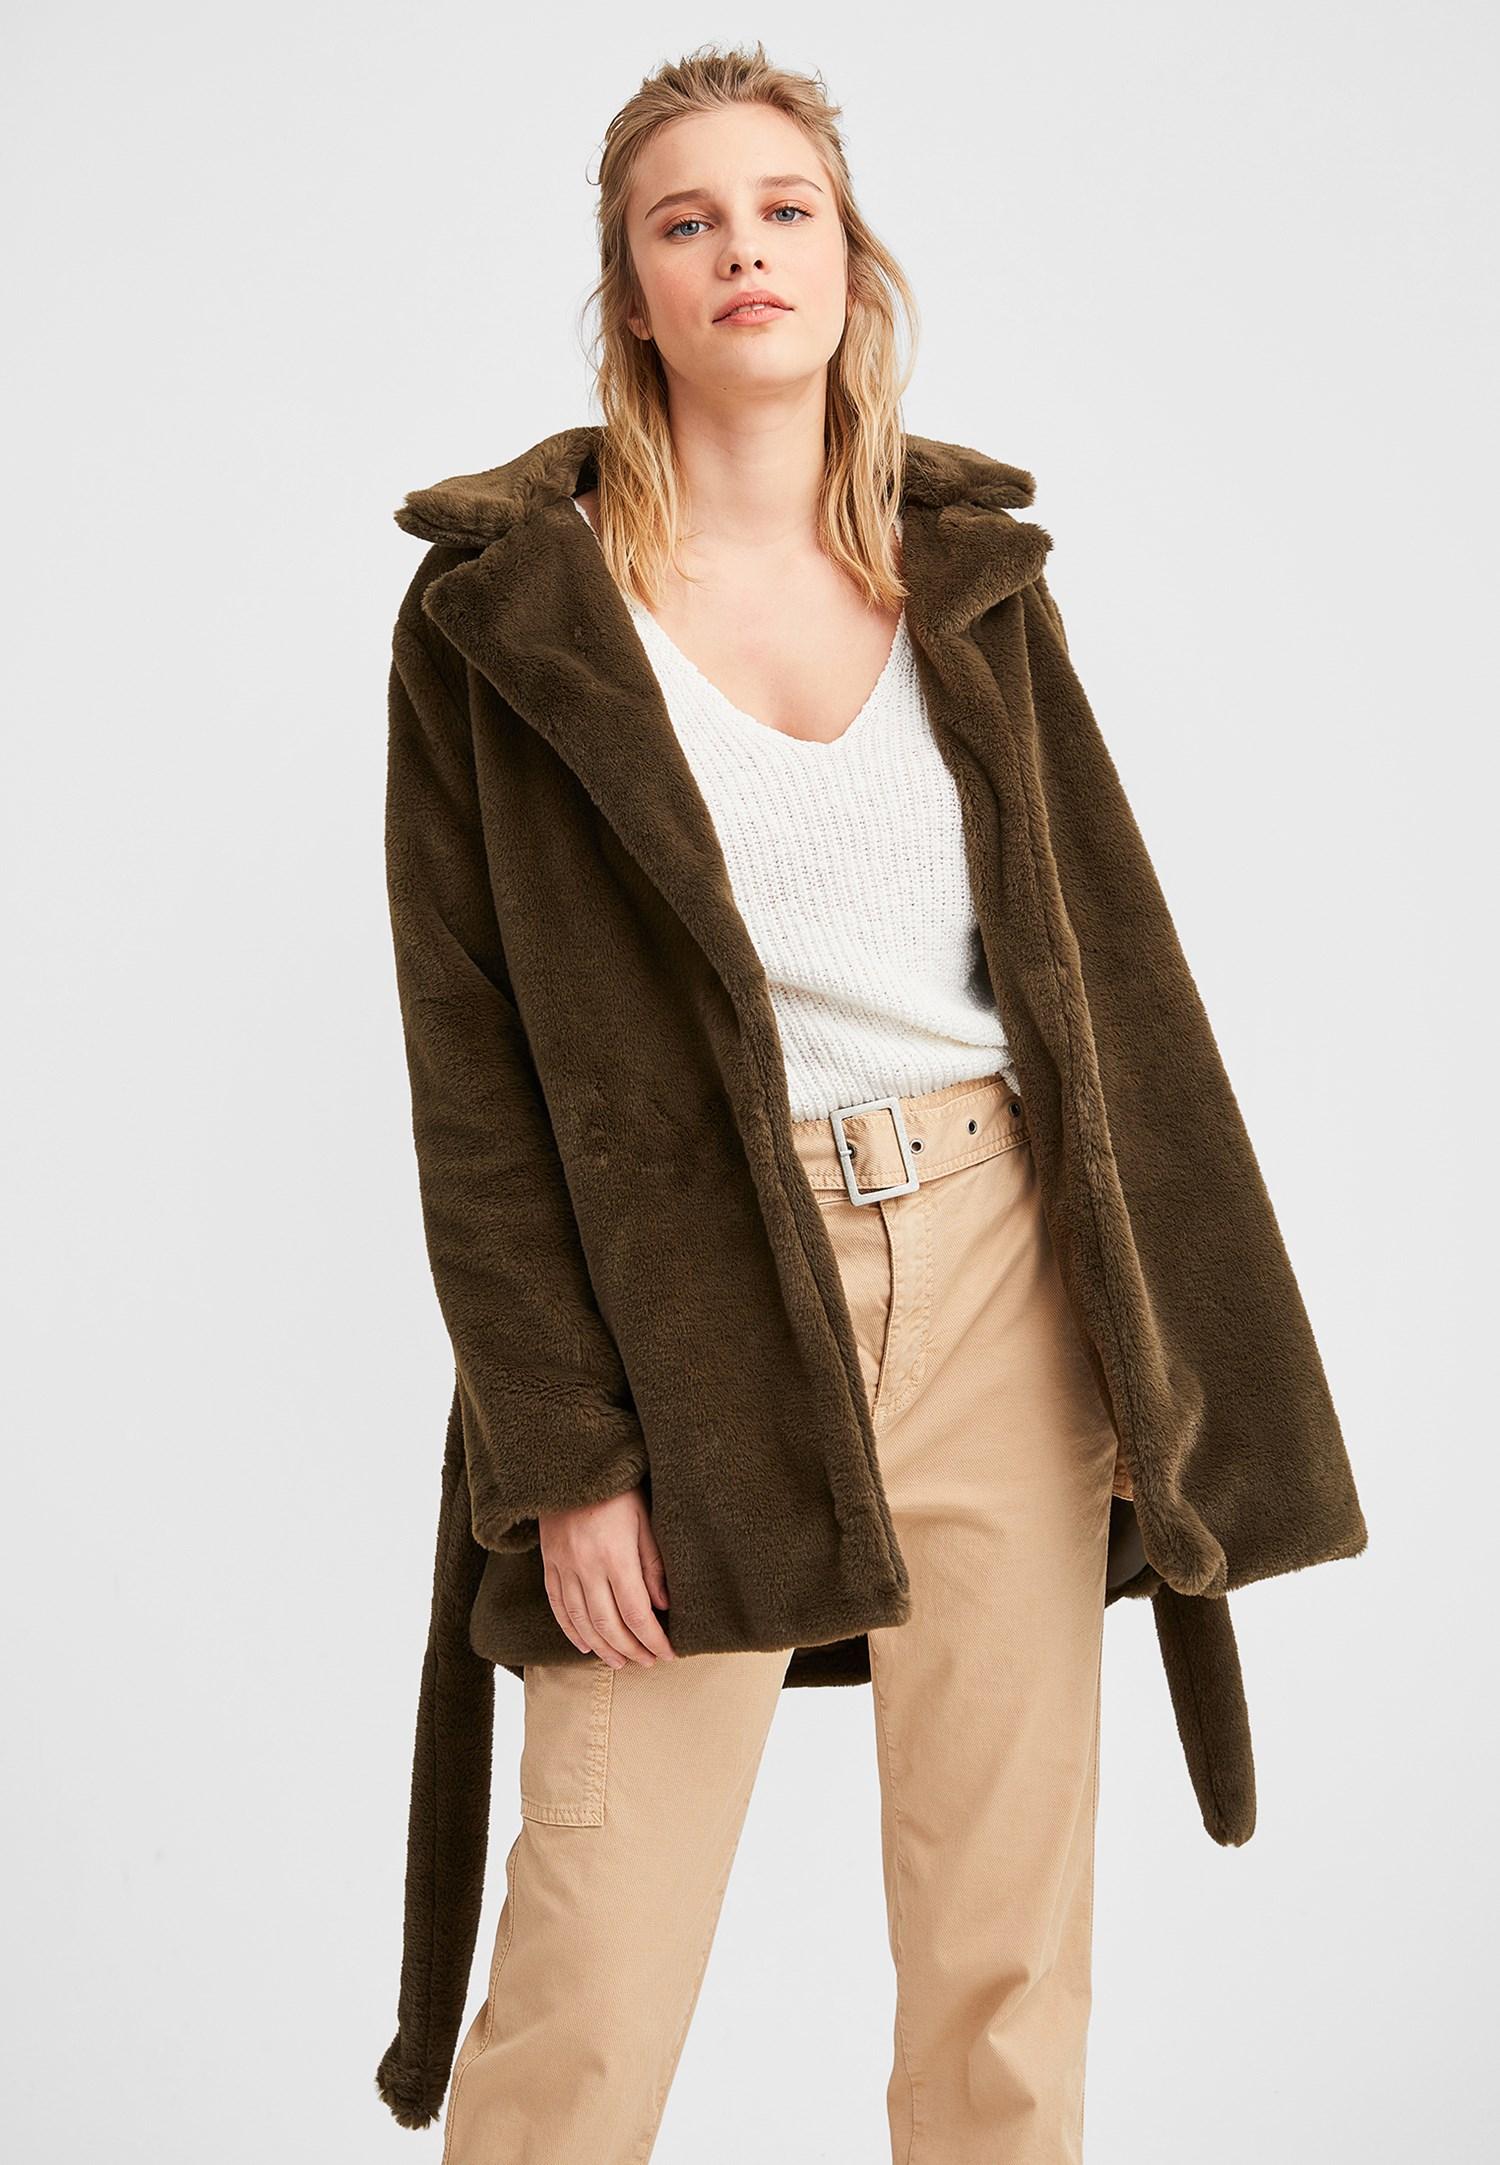 Bayan Yeşil Bağlamalı Kürk Ceket